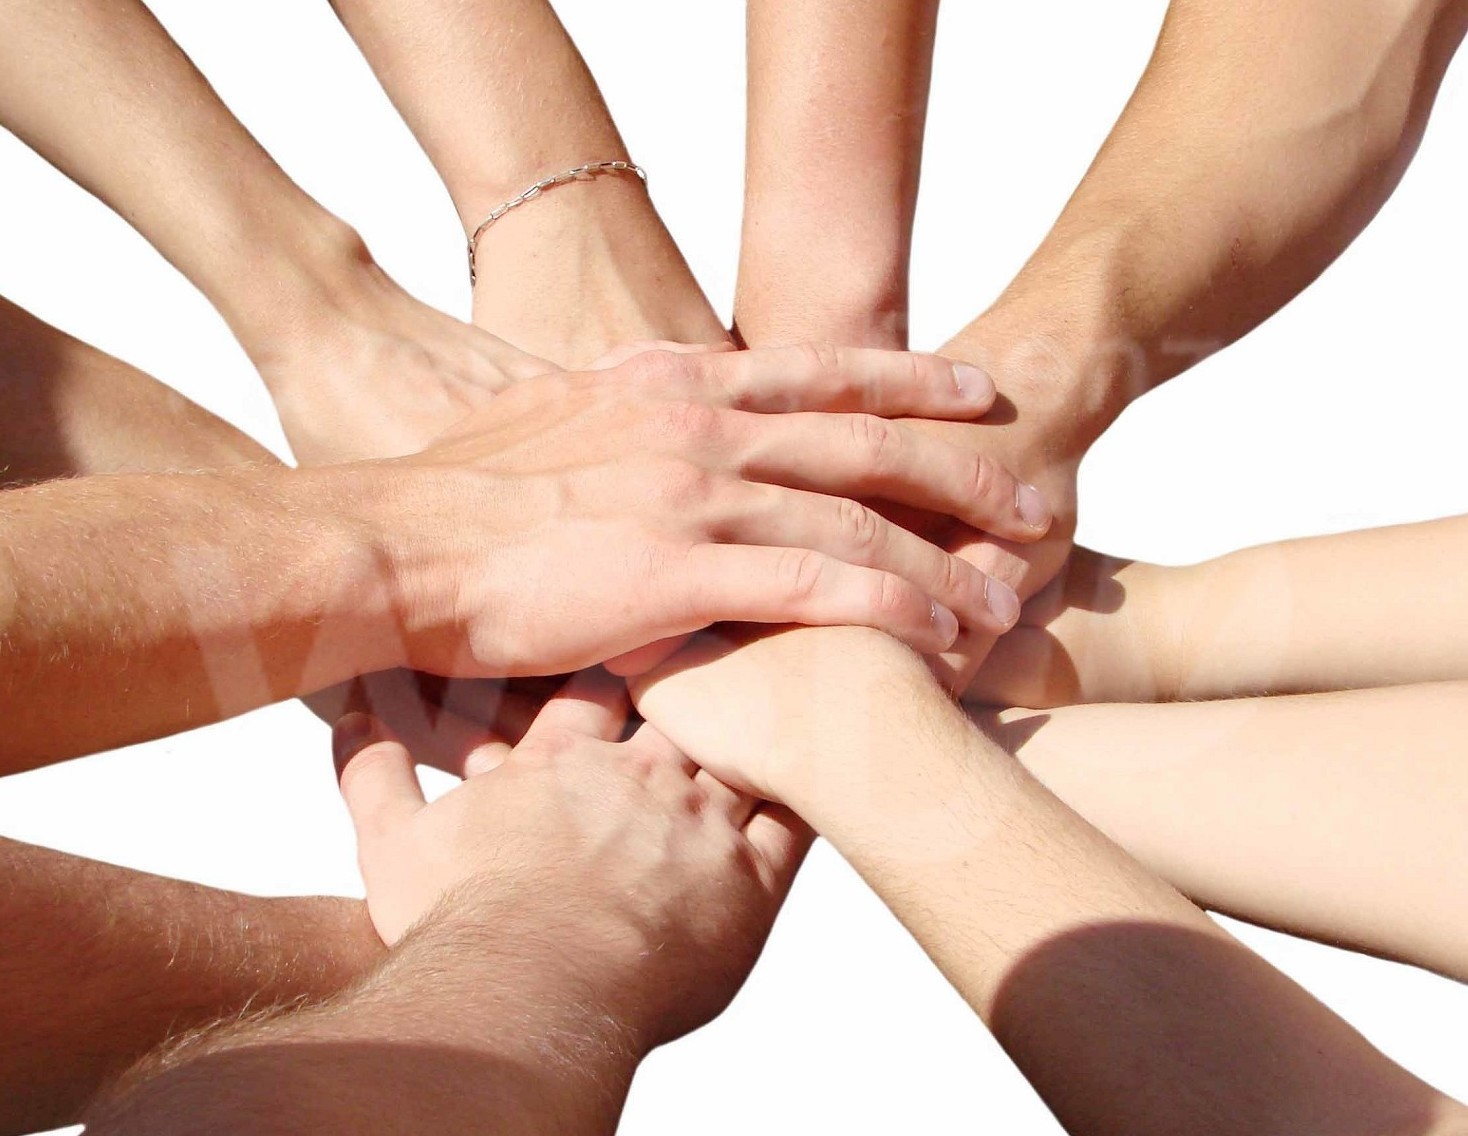 Part time contratto cooperativa sociale 2020 stipendi, orario, pausa pranzo, ferie, permessi, malattia